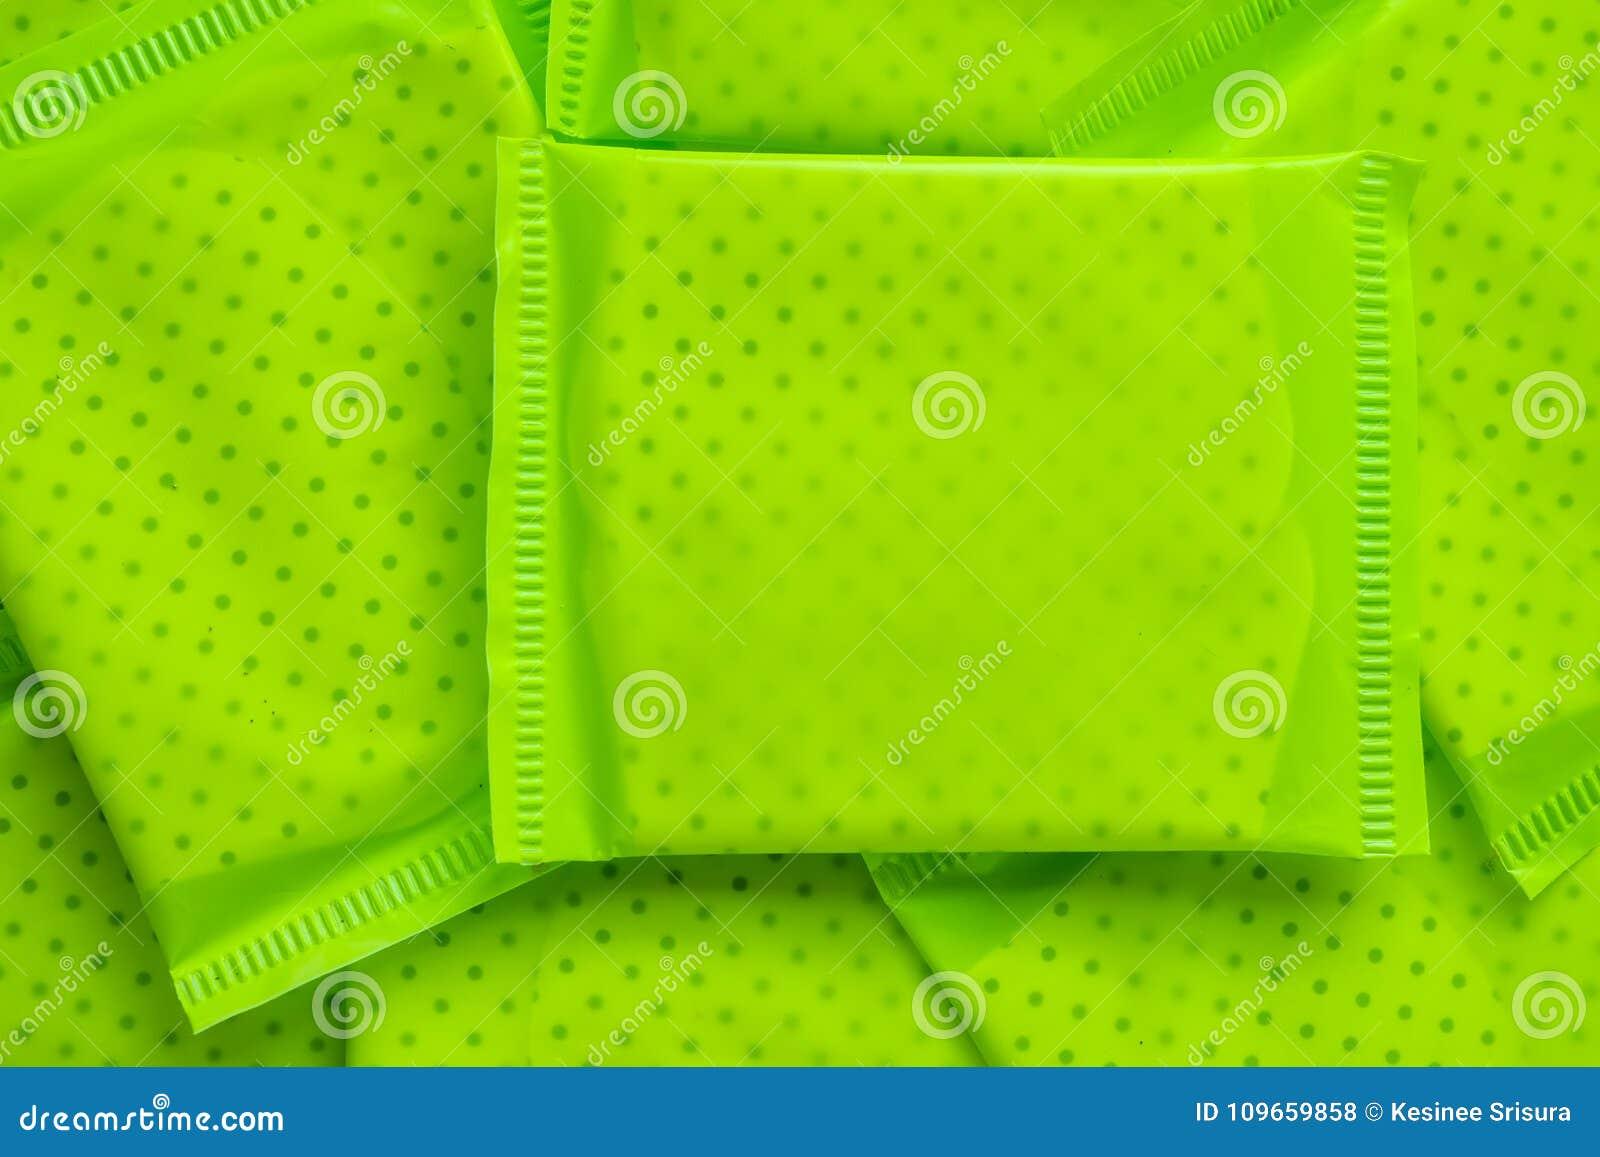 Paquet vert de serviette hygiénique féminine